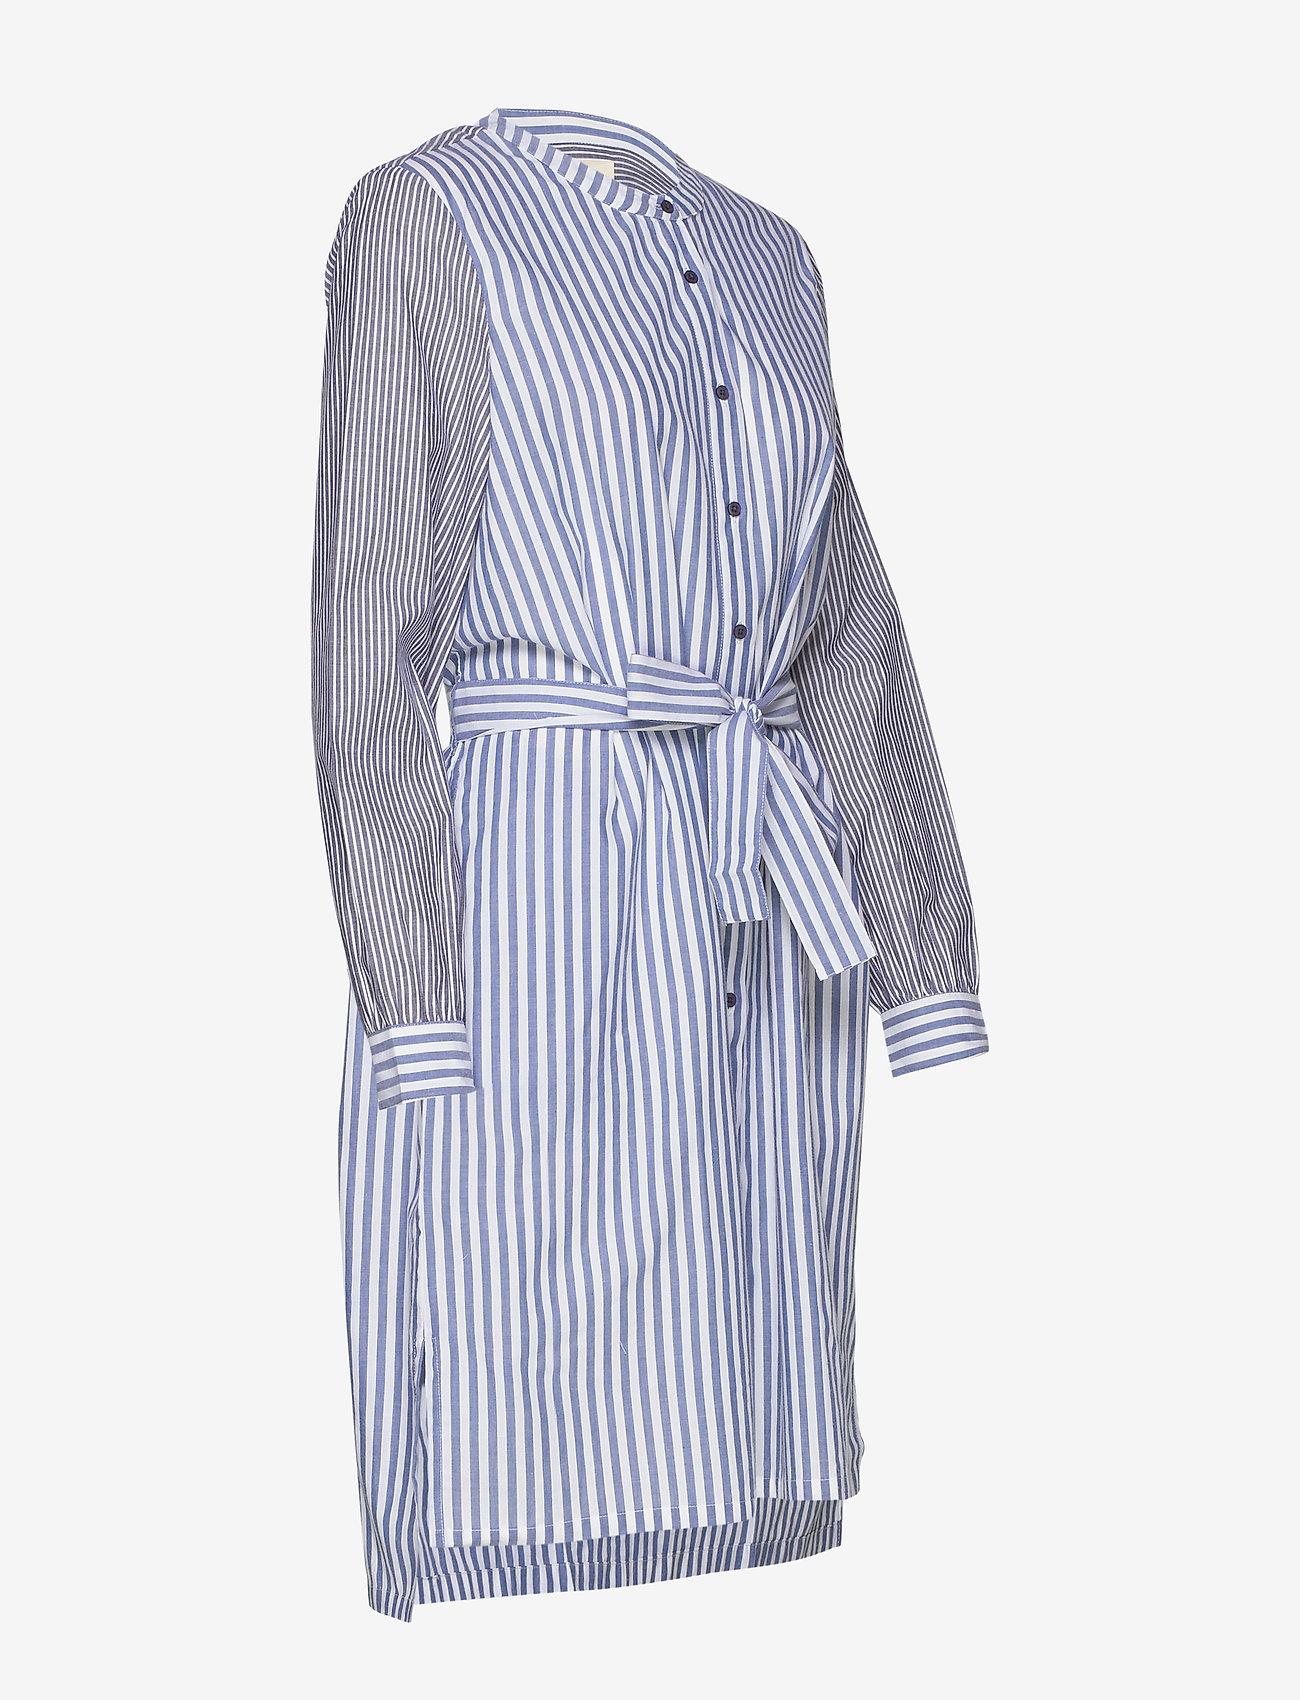 Vega Shirt (Blue) (567 kr) - Lollys Laundry